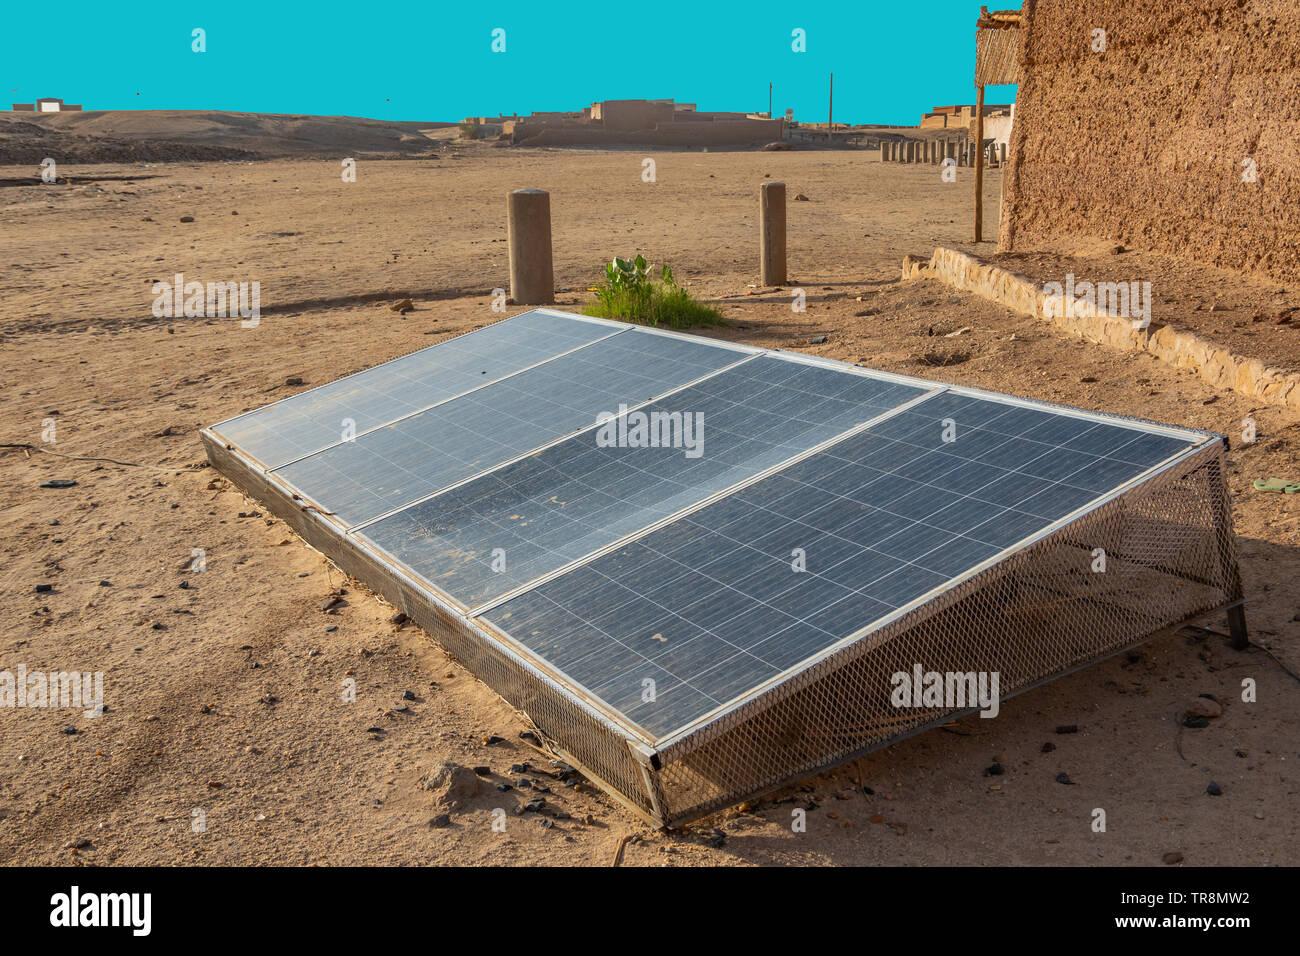 La generación de energía solar con un módulo solar en el desierto cerca de Nuri en Sudán para generar electricidad a partir de la luz solar. Foto de stock